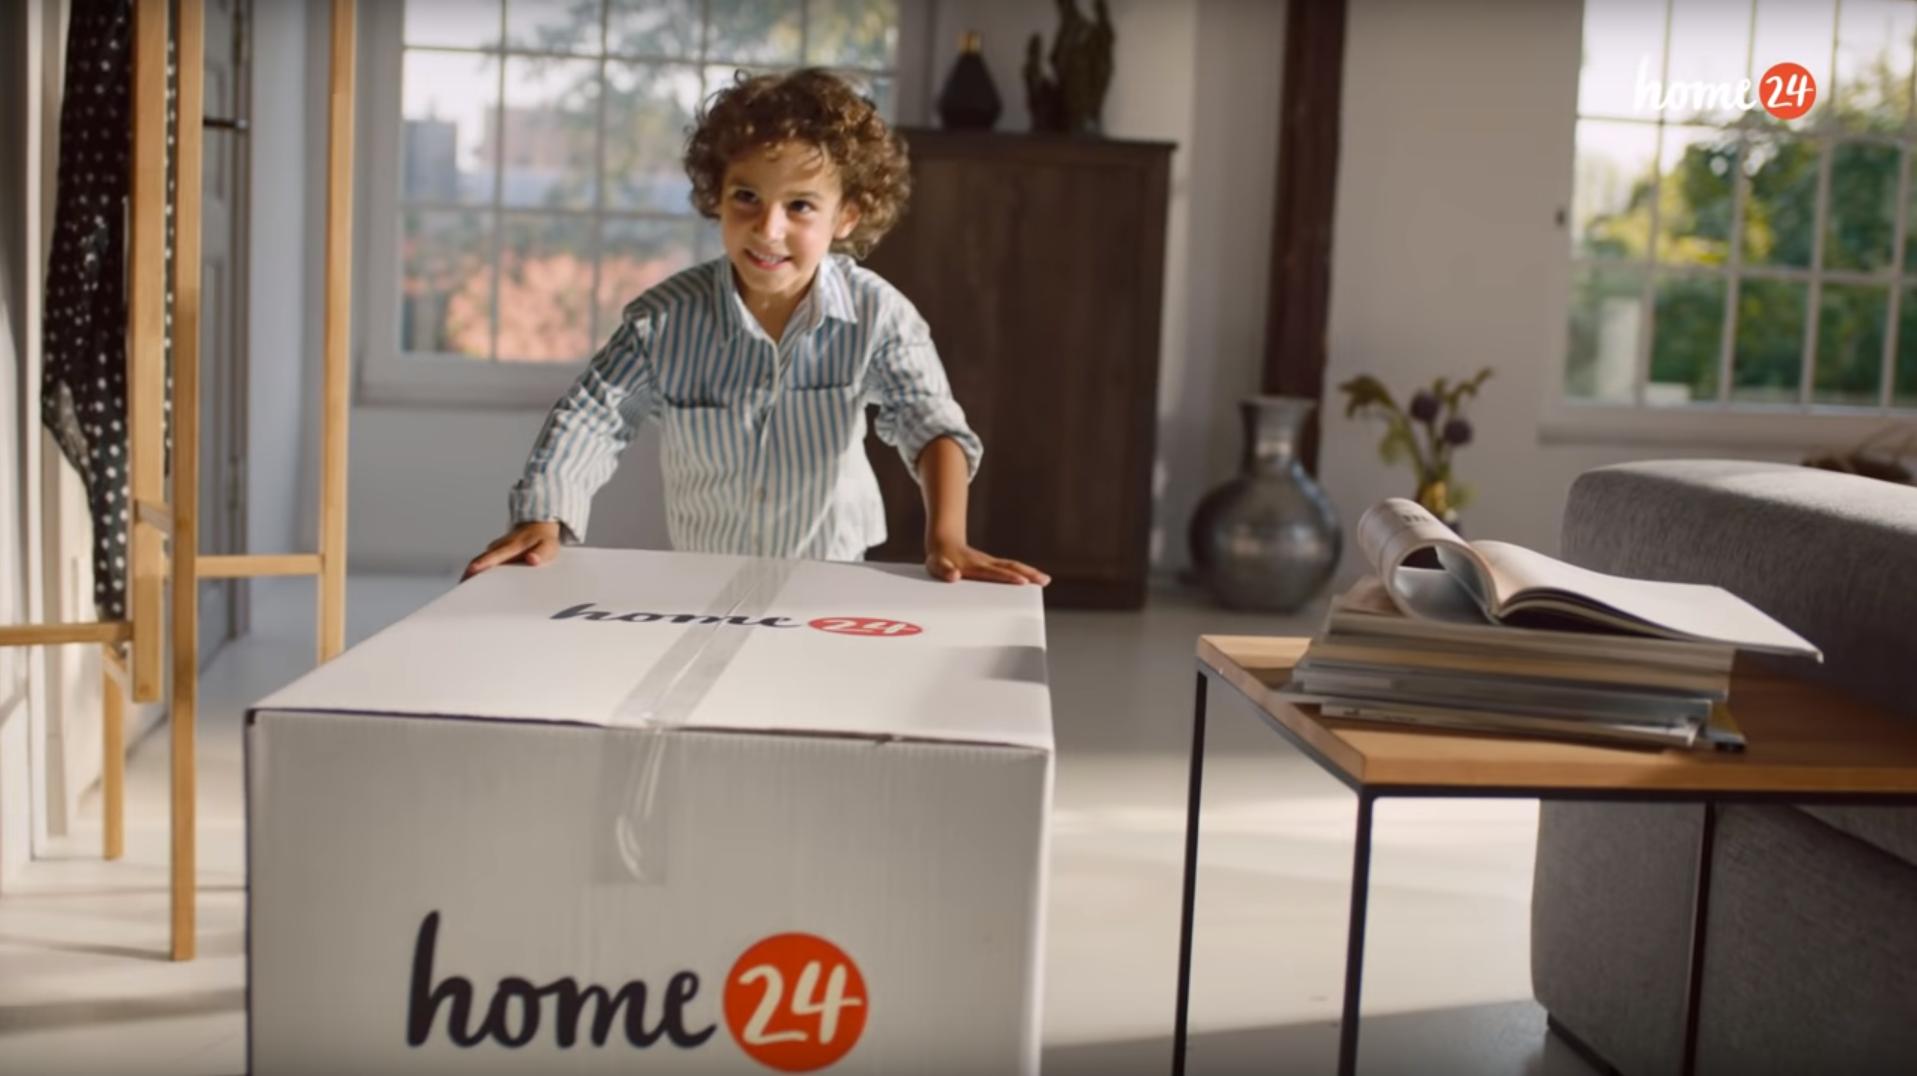 """""""Partnerschaftlich und effizient - es genügen zwei Worte, um die Zusammenarbeit mit SevenVentures zu beschreiben"""": Ein Interview mit der Home & Living Plattform home24."""